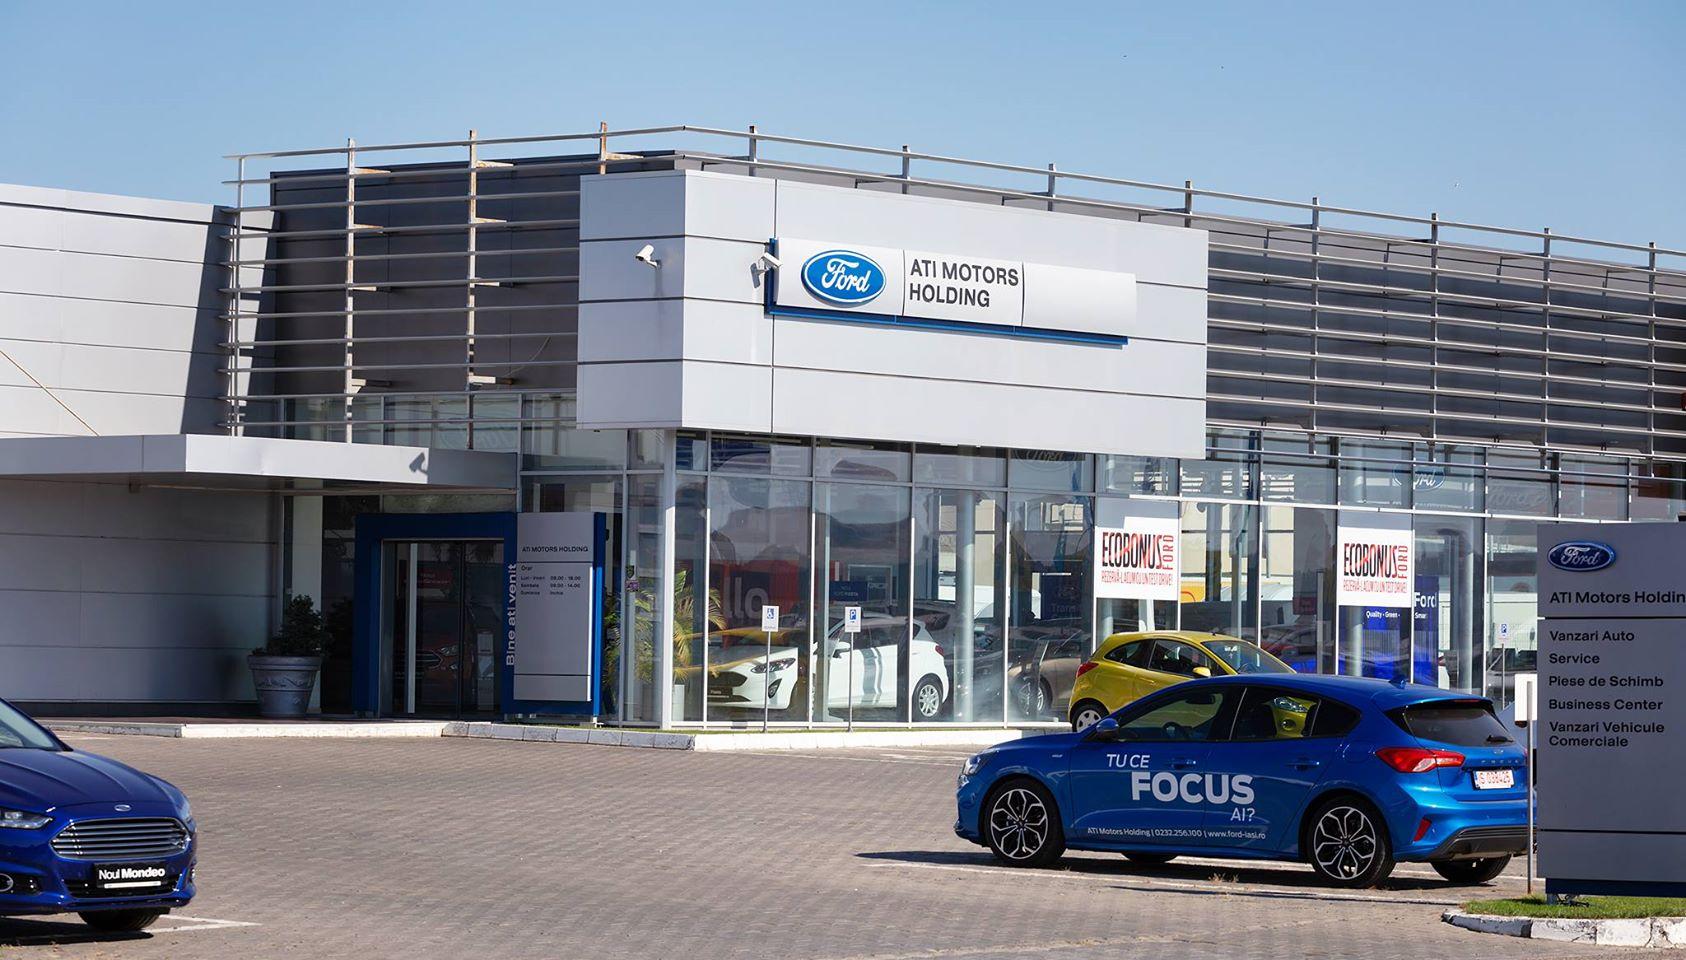 Ford – ATI Motors Holding vine în întâmpinarea clienților cu o campanie adaptată vremurilor actuale